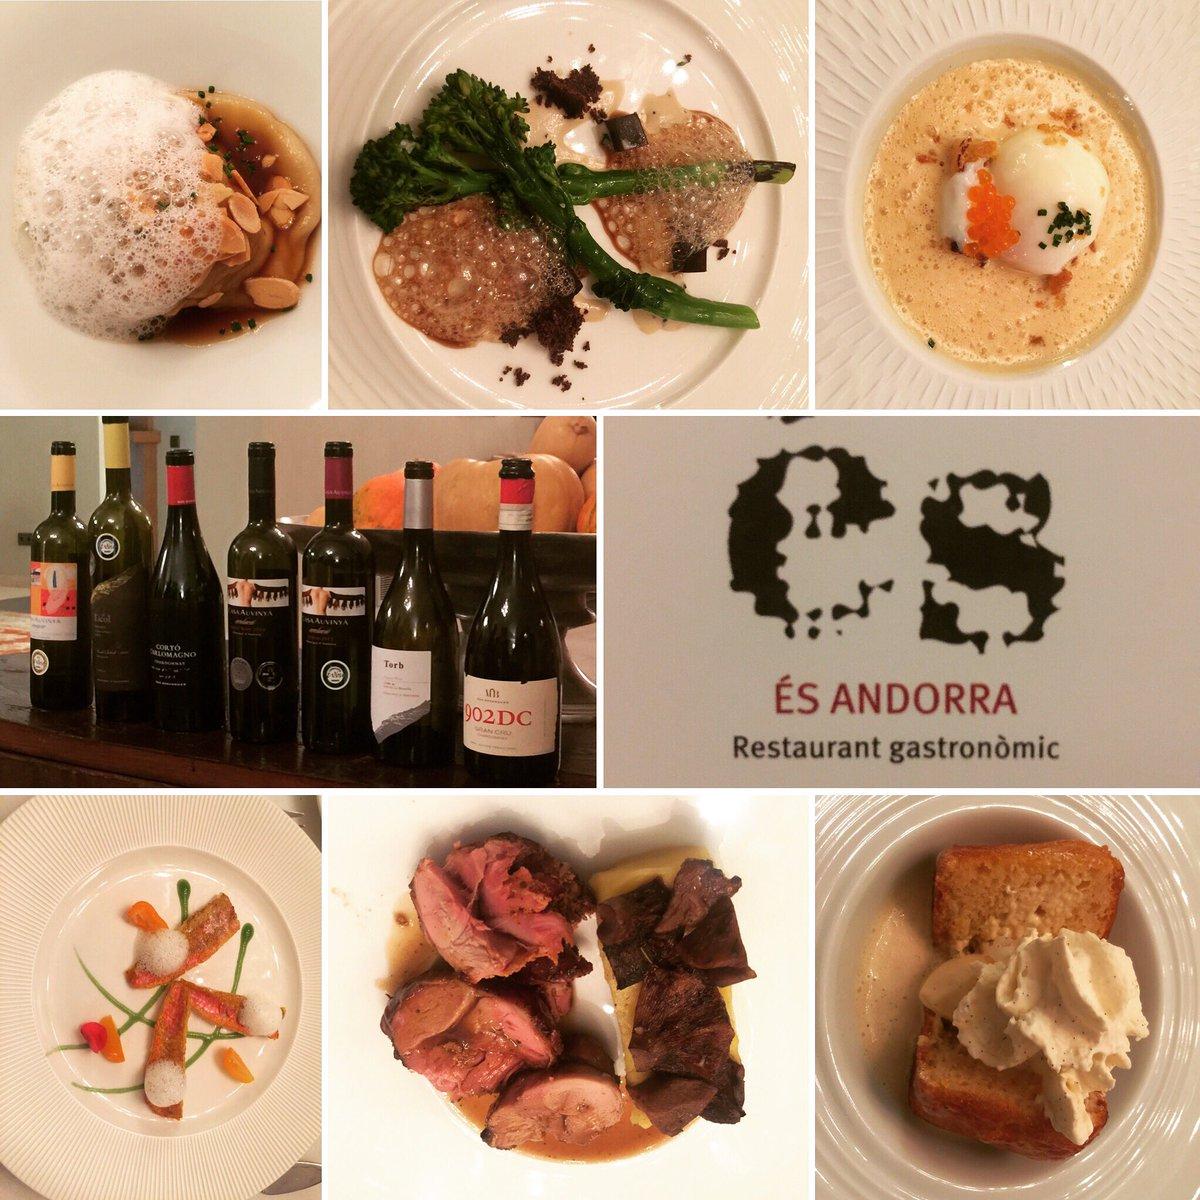 #cena de #bienvenida al #IVencuentromicroproductoresdevinoAndorra2016 en el #restauranteés #chef #marcmora @jpele80 @fredericgaltier #winepic.twitter.com/LQeIJsgYmW